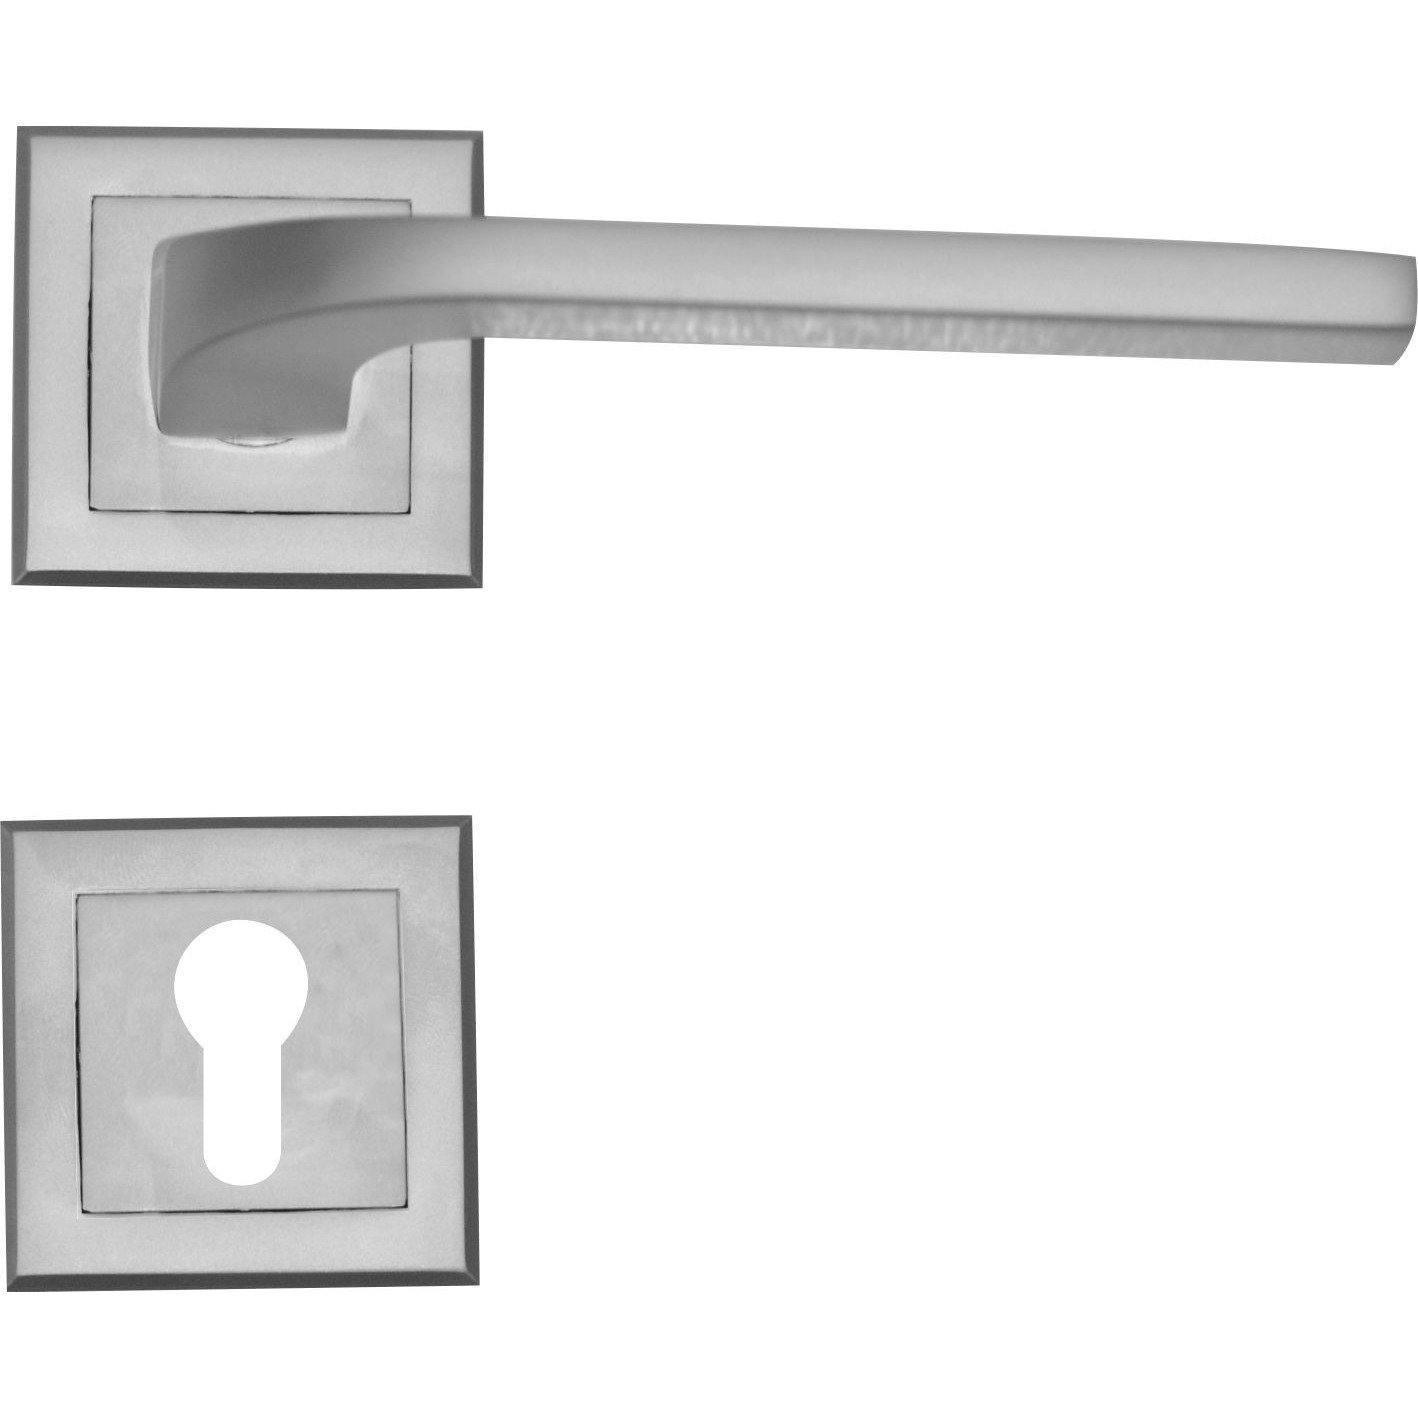 Slim square matt lever handle on rose